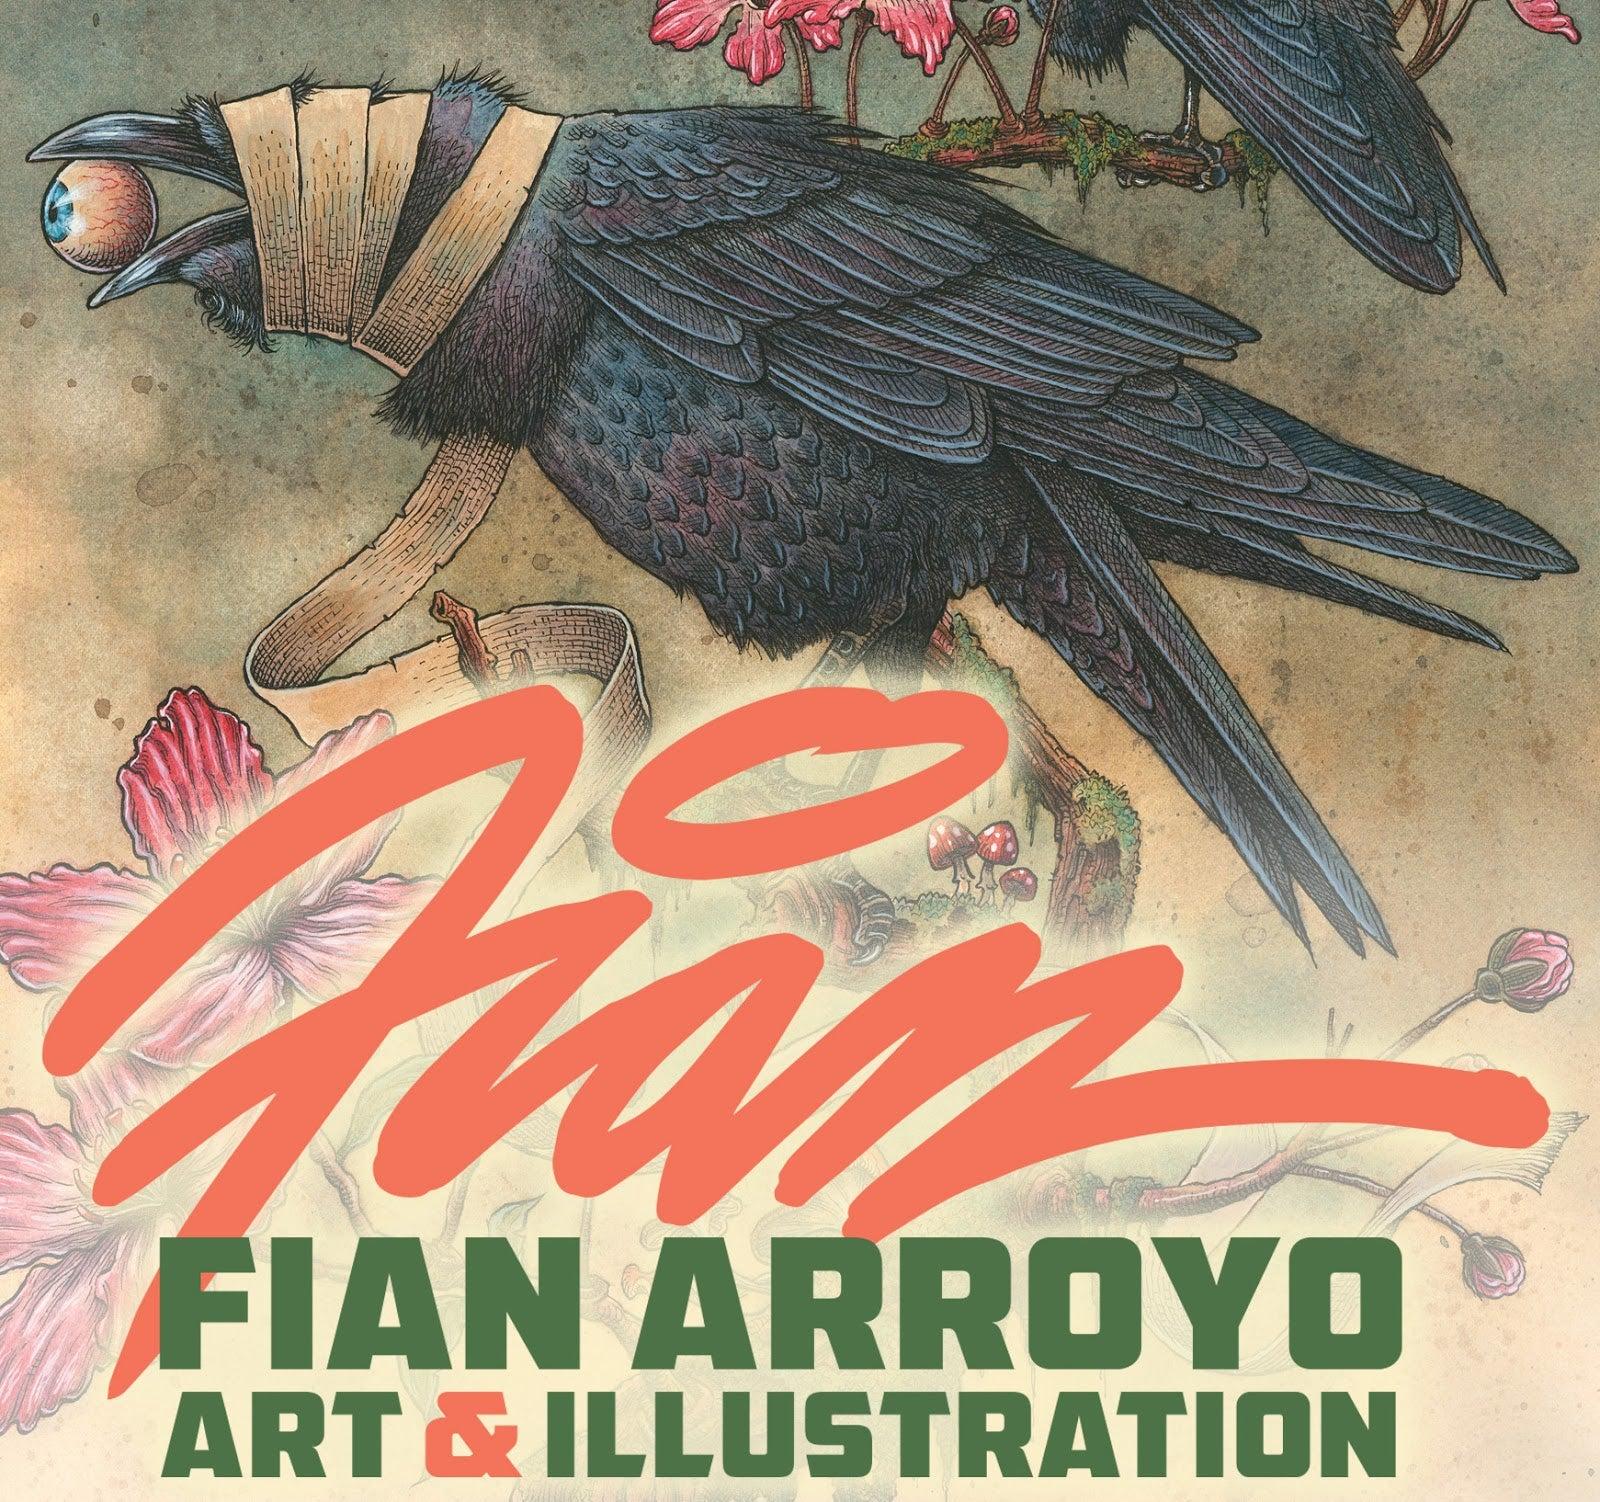 Fian Arroyo Art